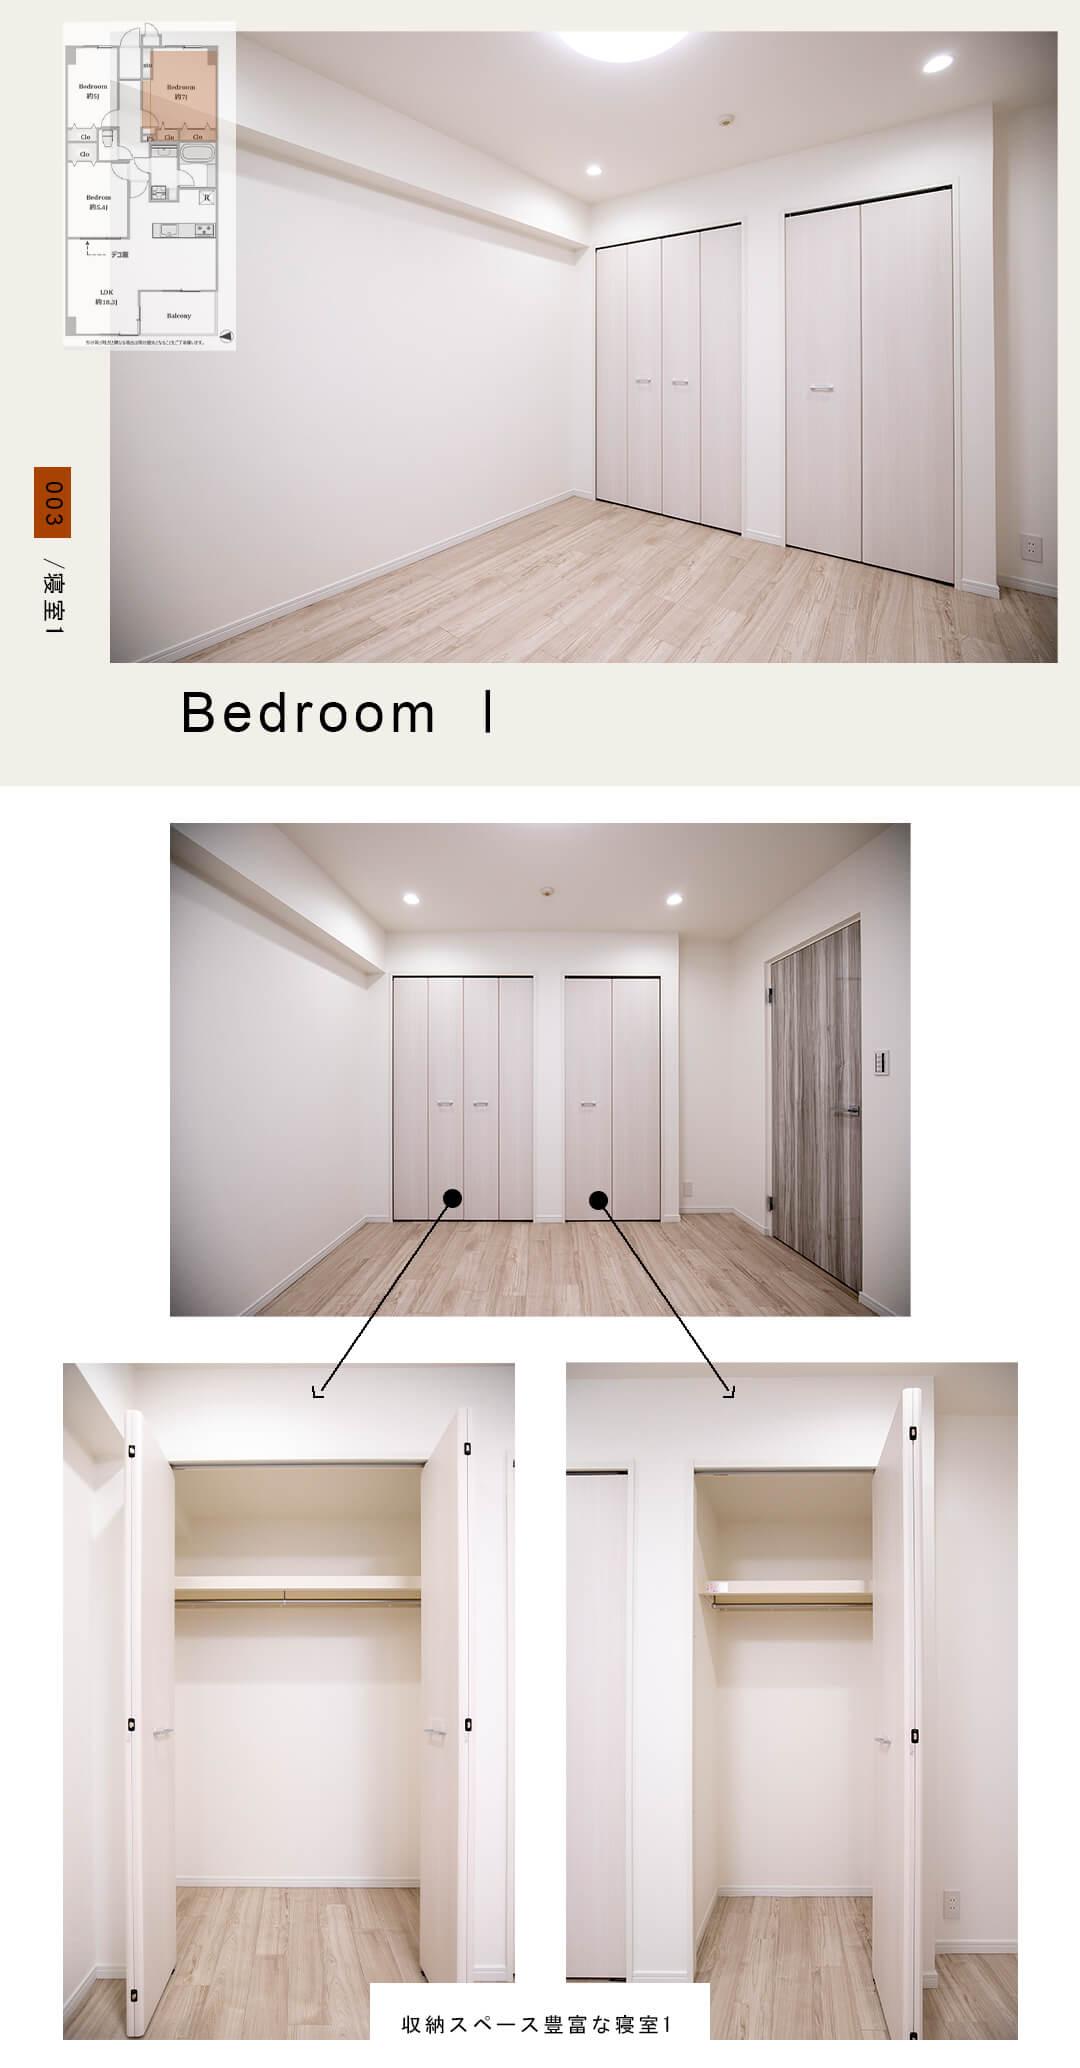 003寝室1,Bedroom Ⅲ